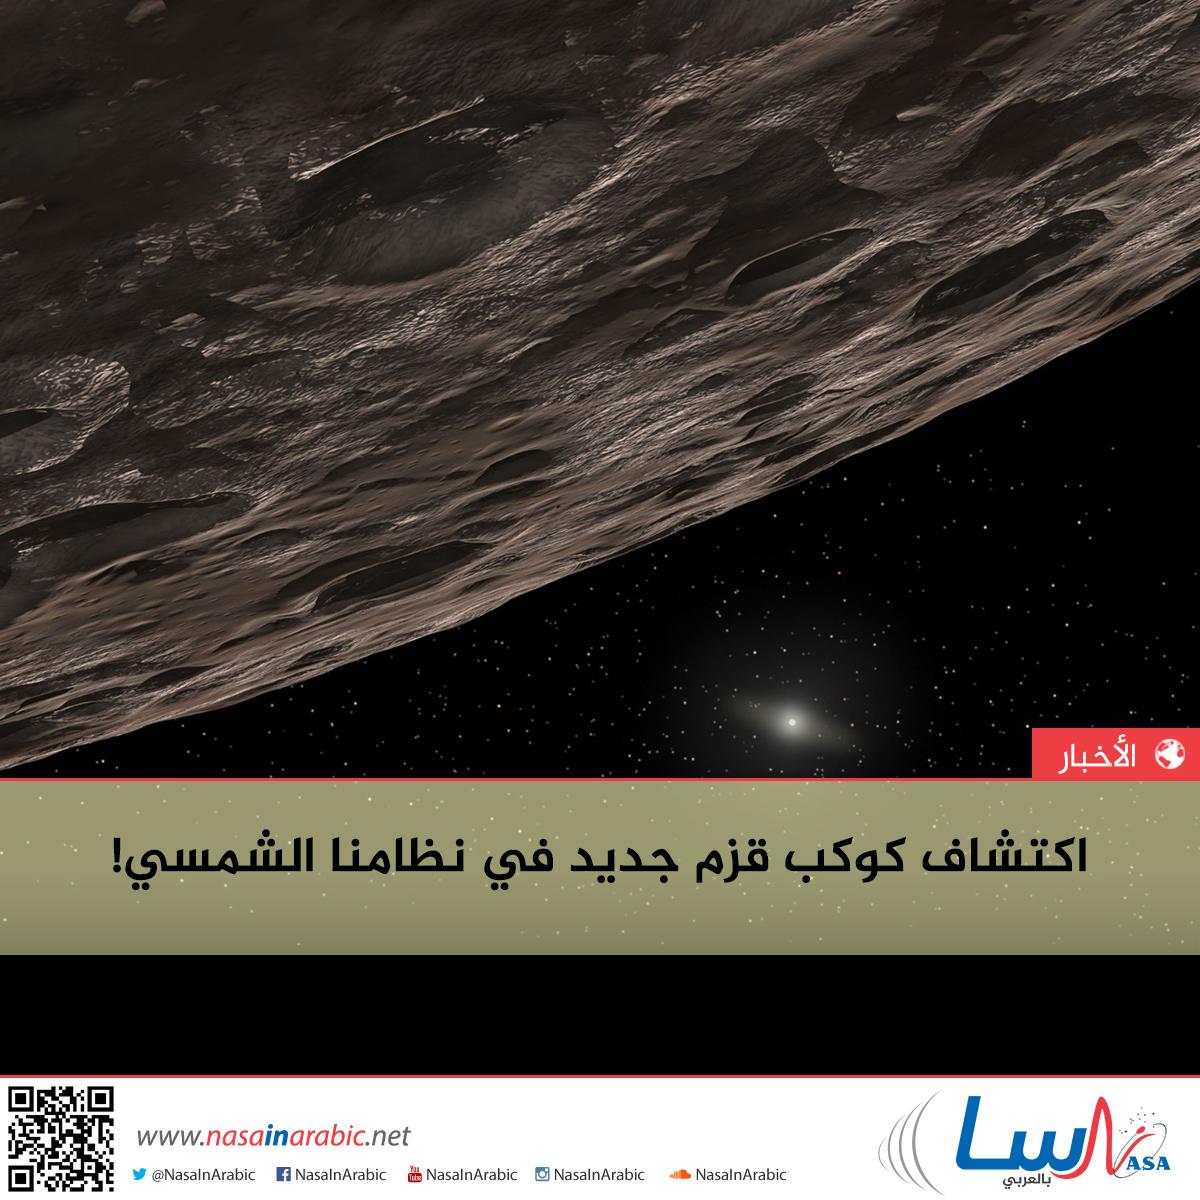 اكتشاف كوكب قزم جديد في نظامنا الشمسي!